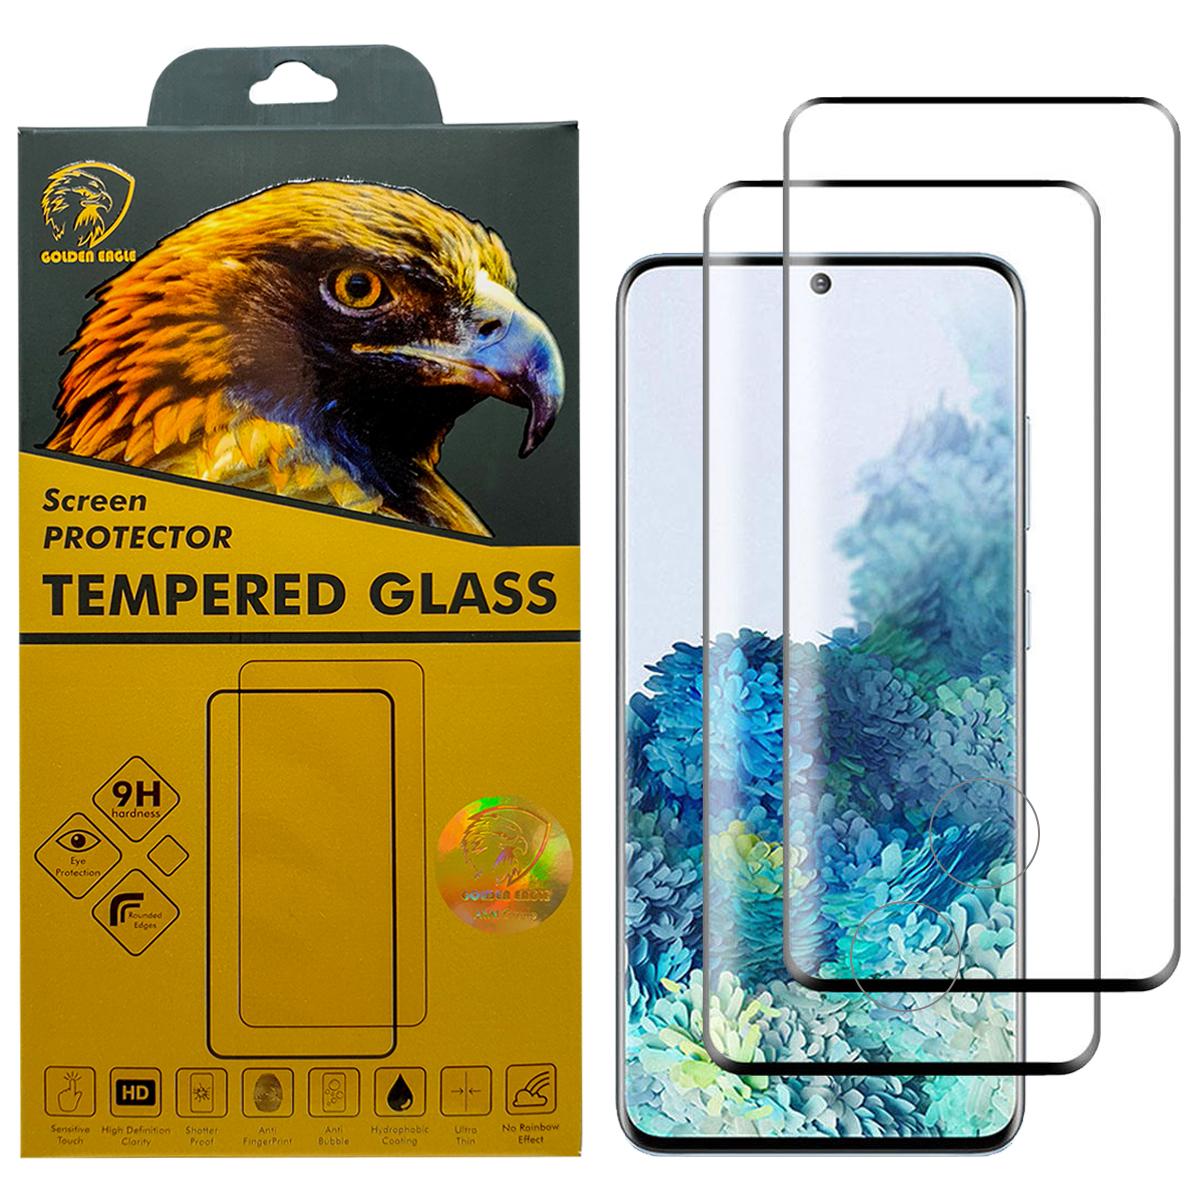 محافظ صفحه نمایش گلدن ایگل مدل DFC-X2 مناسب برای گوشی موبایل سامسونگ Galaxy S20 Plus بسته دو عددی